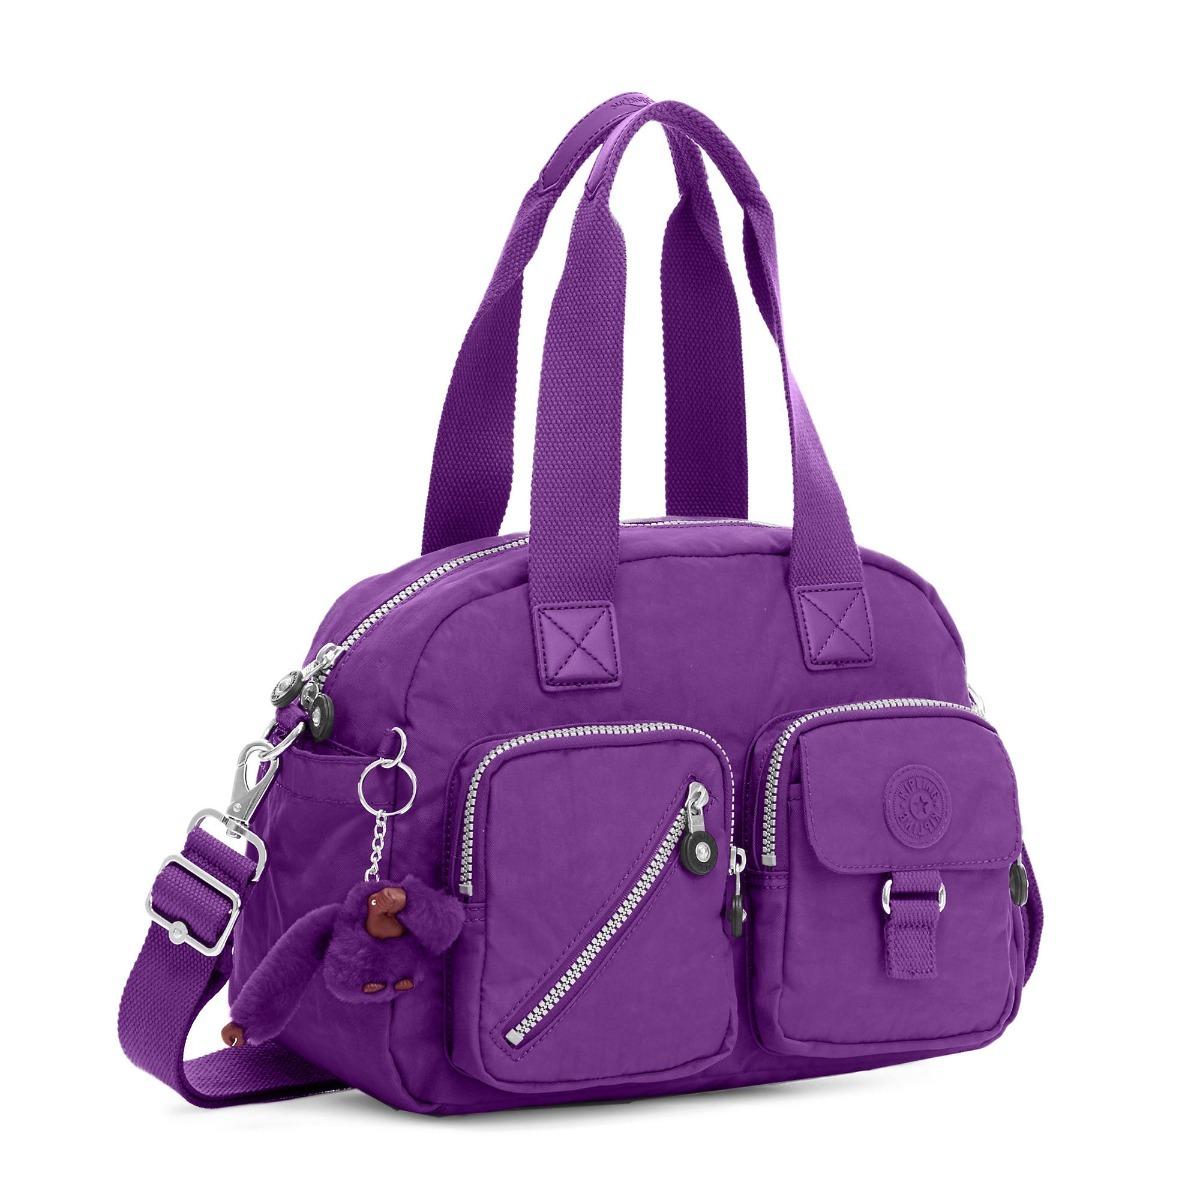 1 Modelo Tile 00 Mercado 445 Defea En Purple Kipling Color Bolsa fOxpw5YqBf